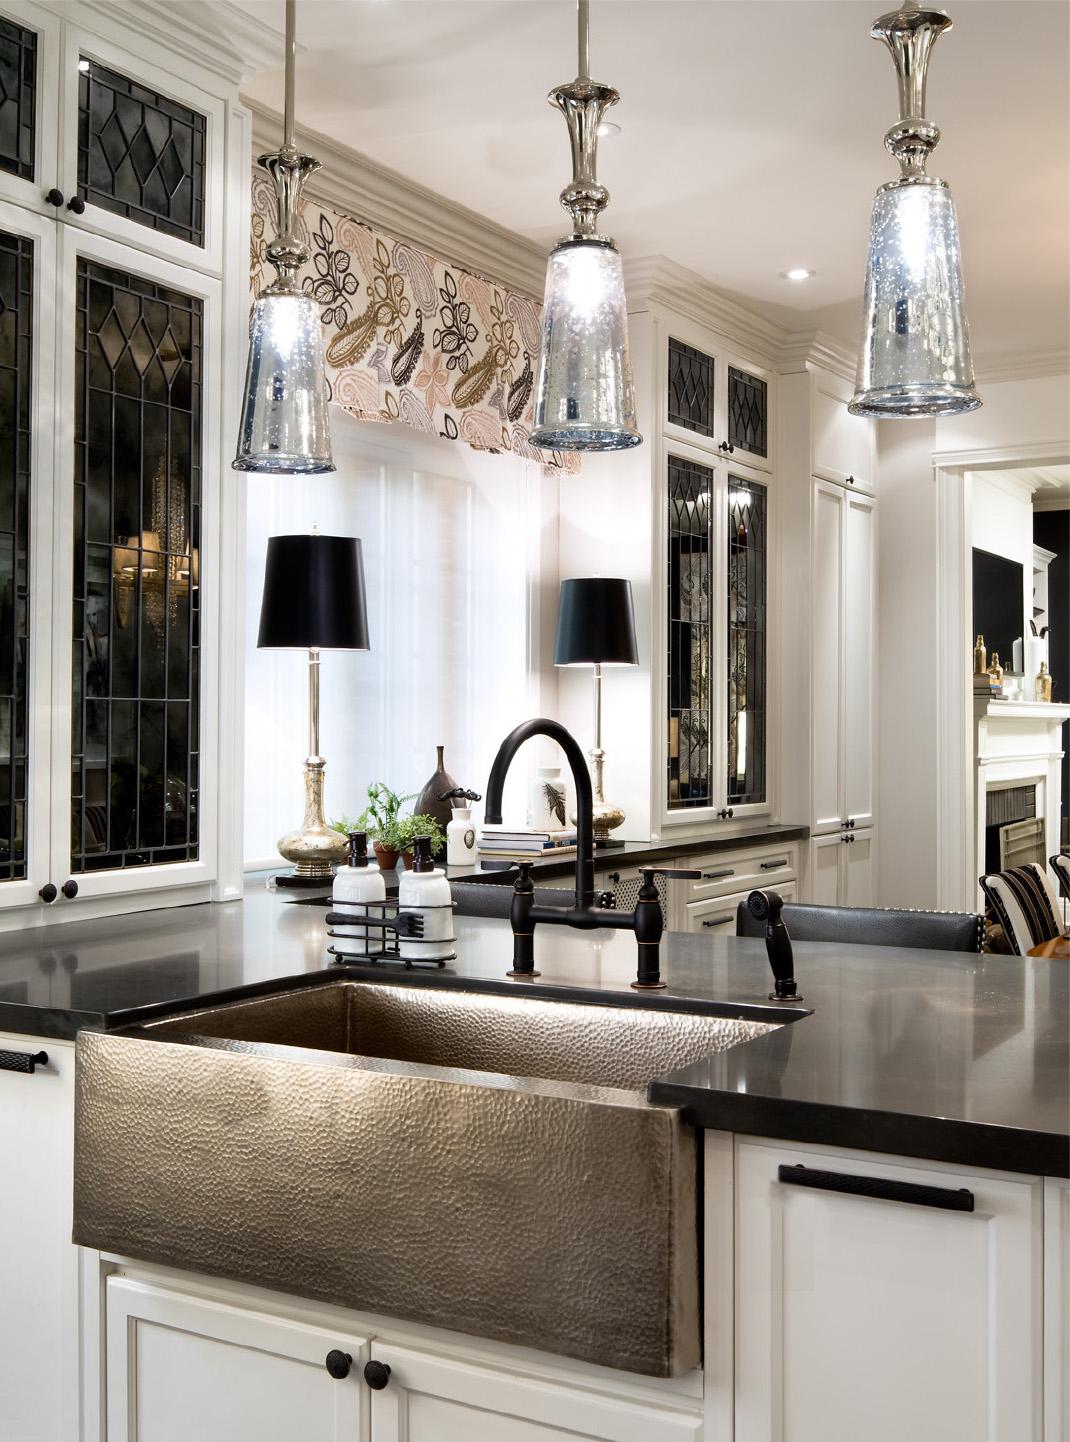 Candice Olson Kitchen Lighting Photo 2